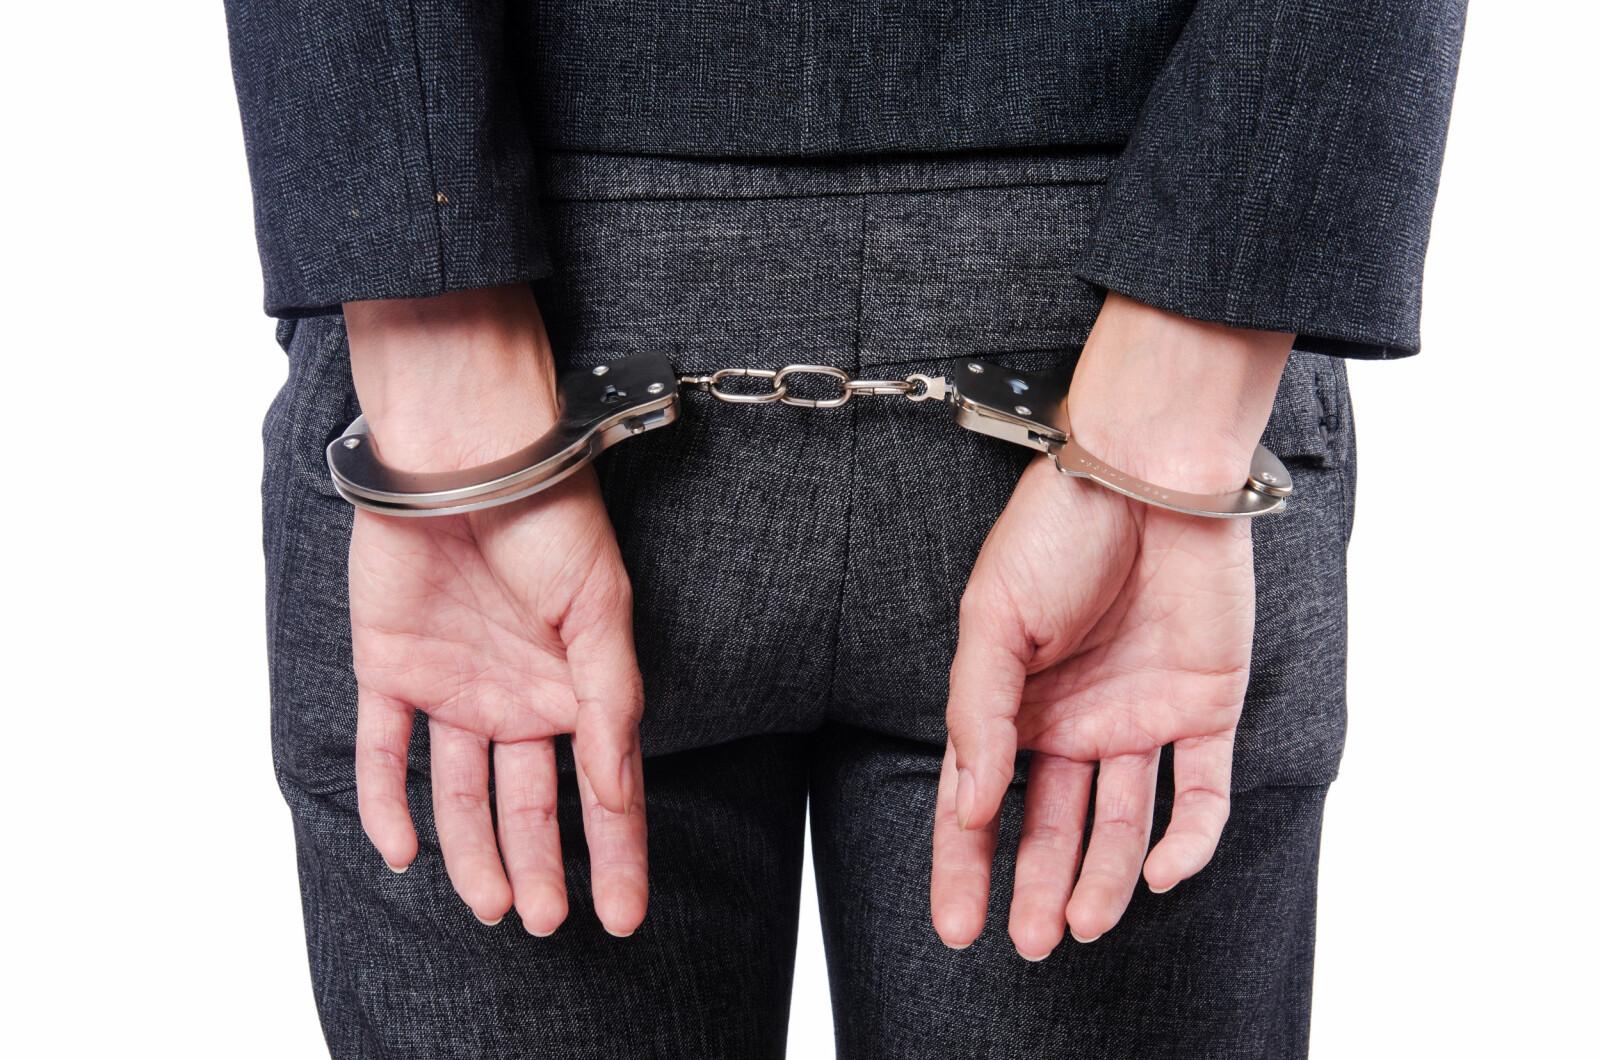 – Forskning viser at kvinner til en viss grad begår færre forbrytelser enn menn, og at de som oppdages i mindre grad fengsles enn menn.